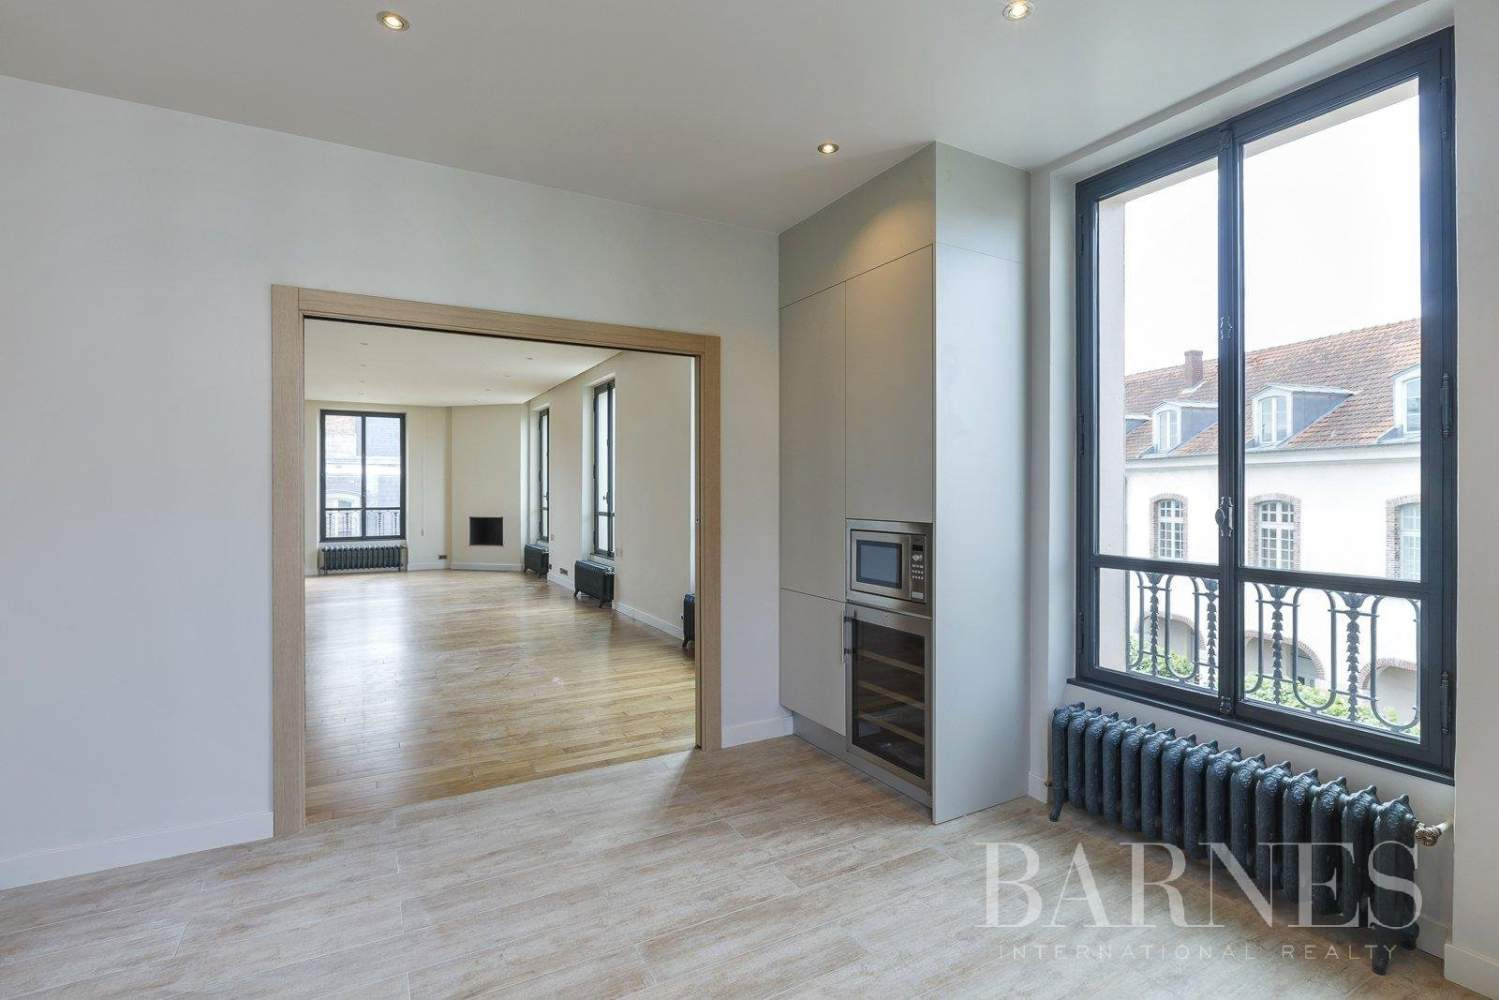 Saint-Germain-en-Laye  - Appartement 8 Pièces 6 Chambres - picture 1